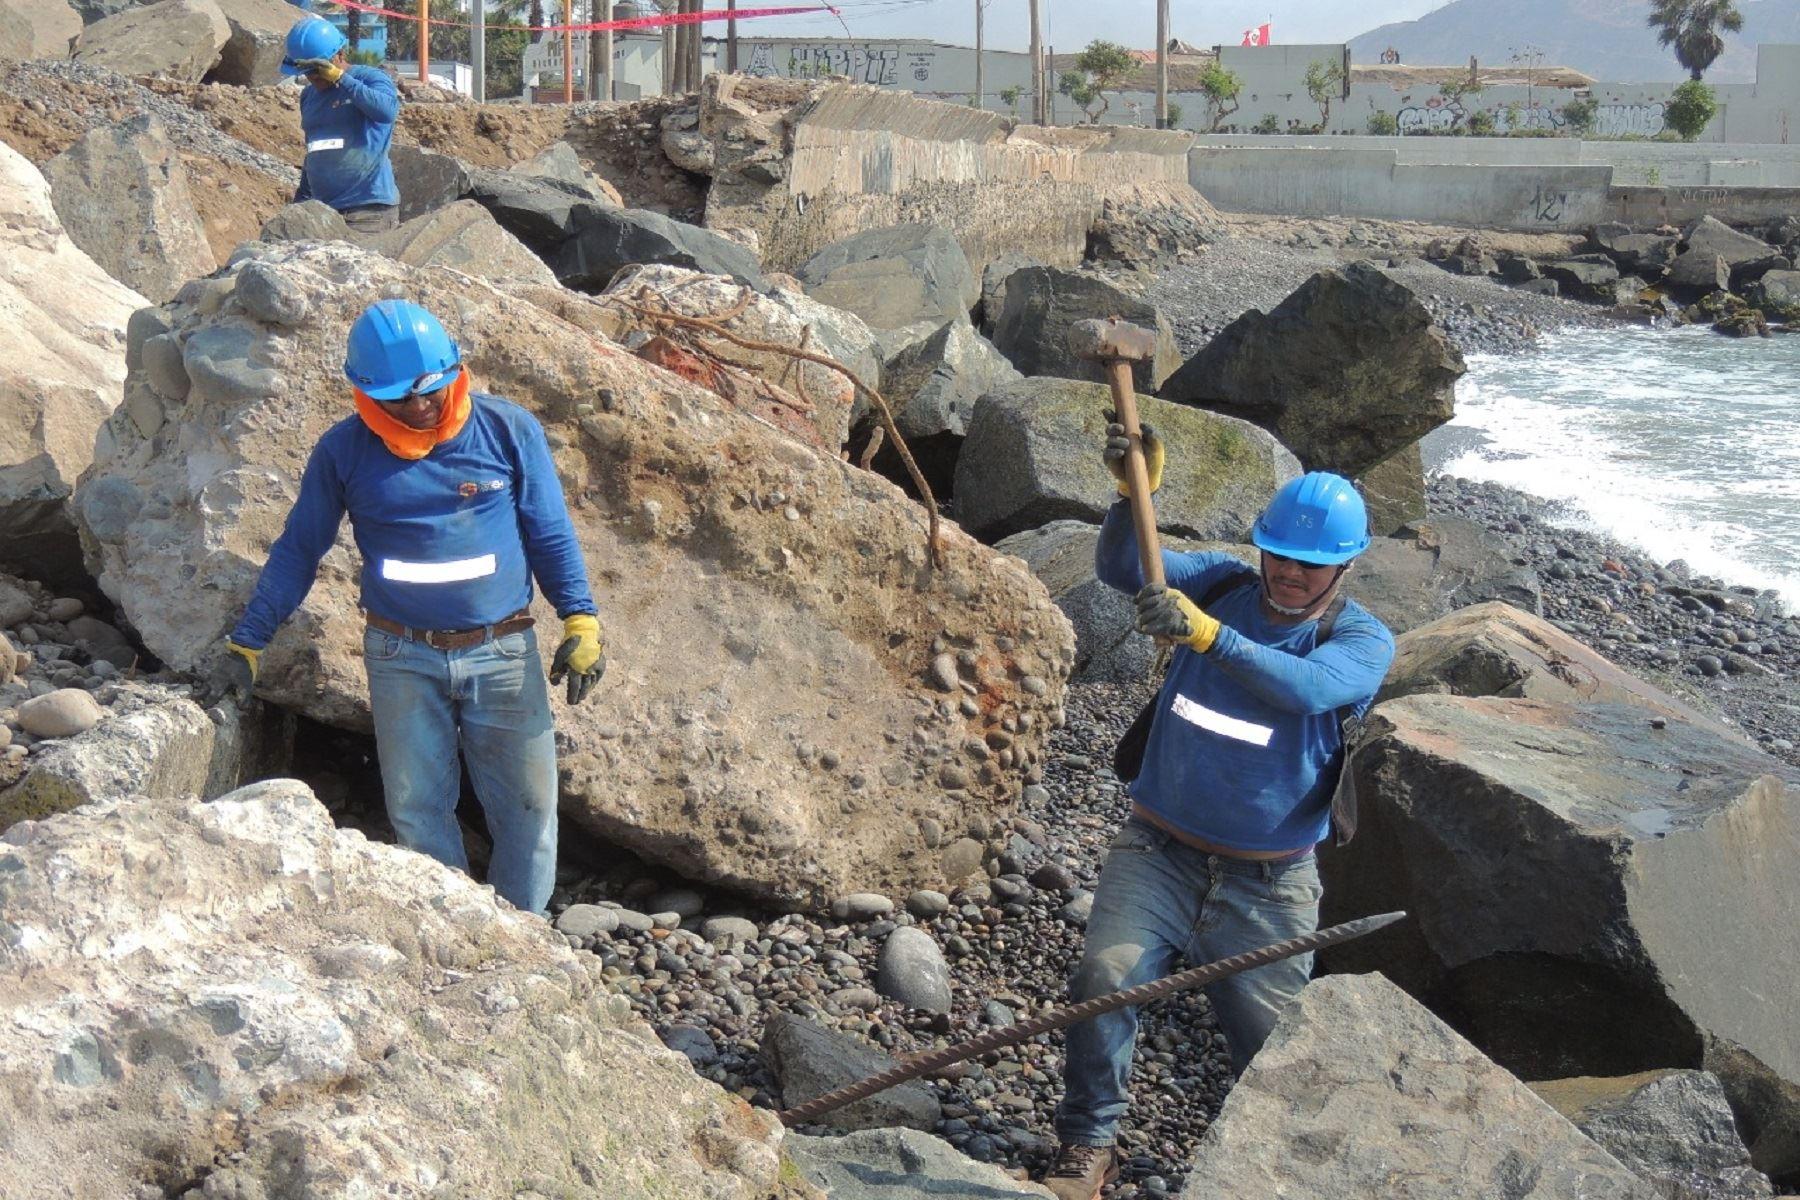 Miraflores retira de sus playas 742 toneladas de escombros y desmonte Foto: Municipalidad de Miraflores